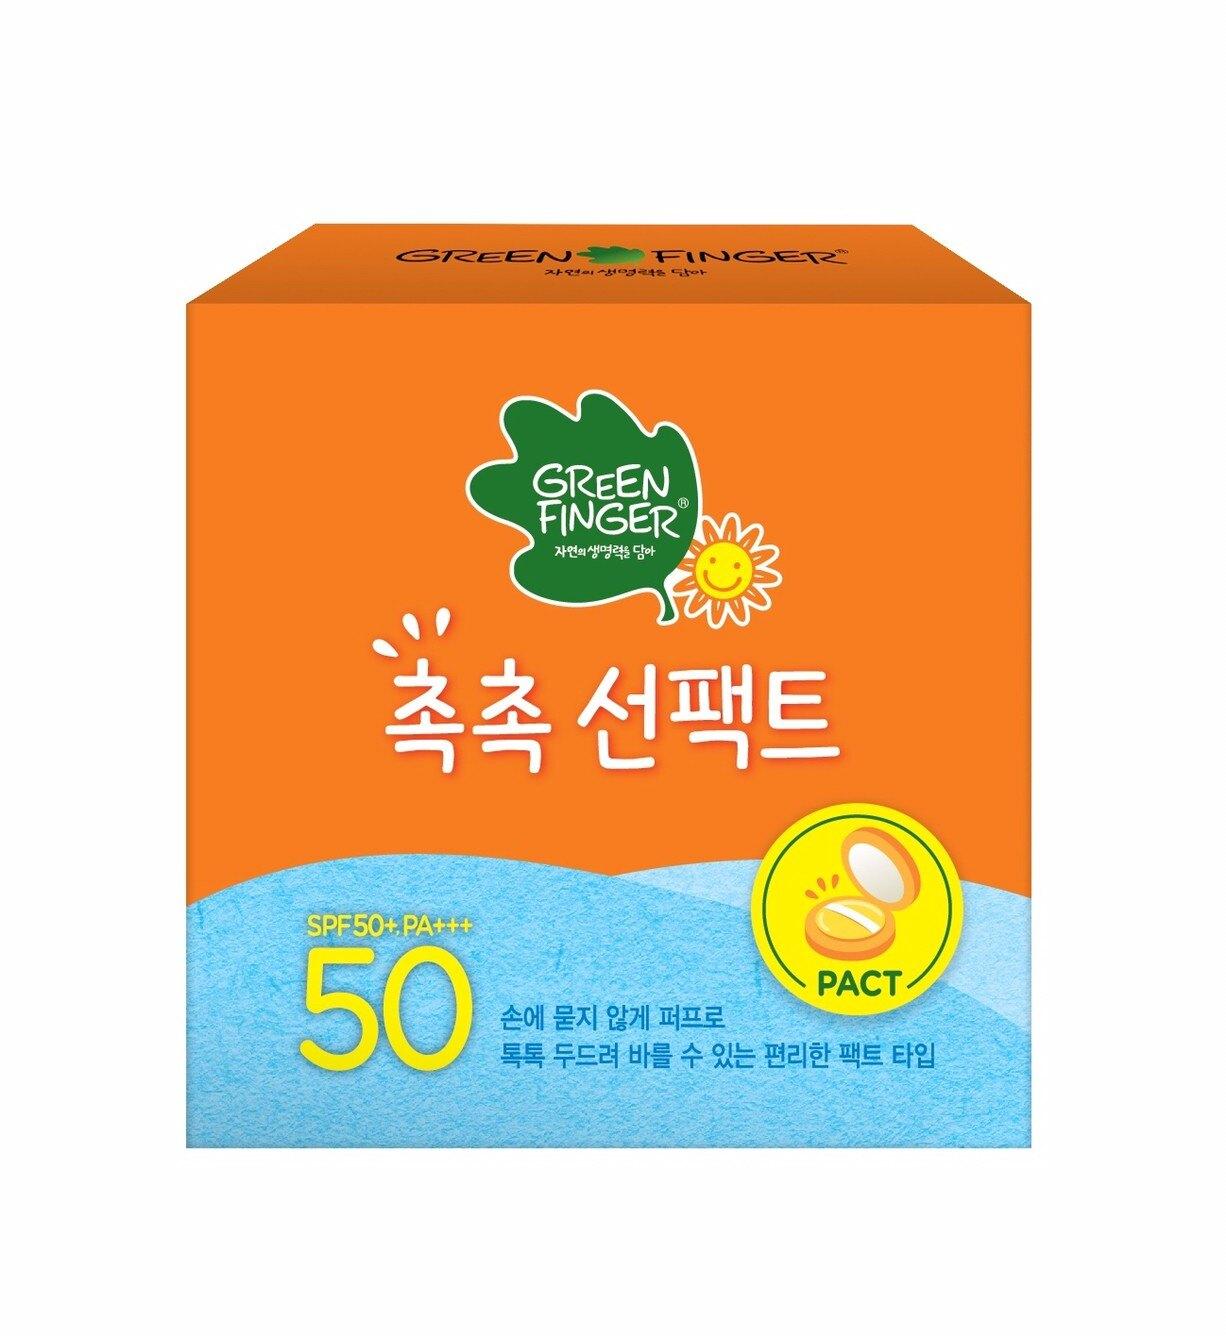 綠手指 幼兒滋潤防曬乳粉撲造型16g+補充包16g(組合裝)【甜蜜家族】